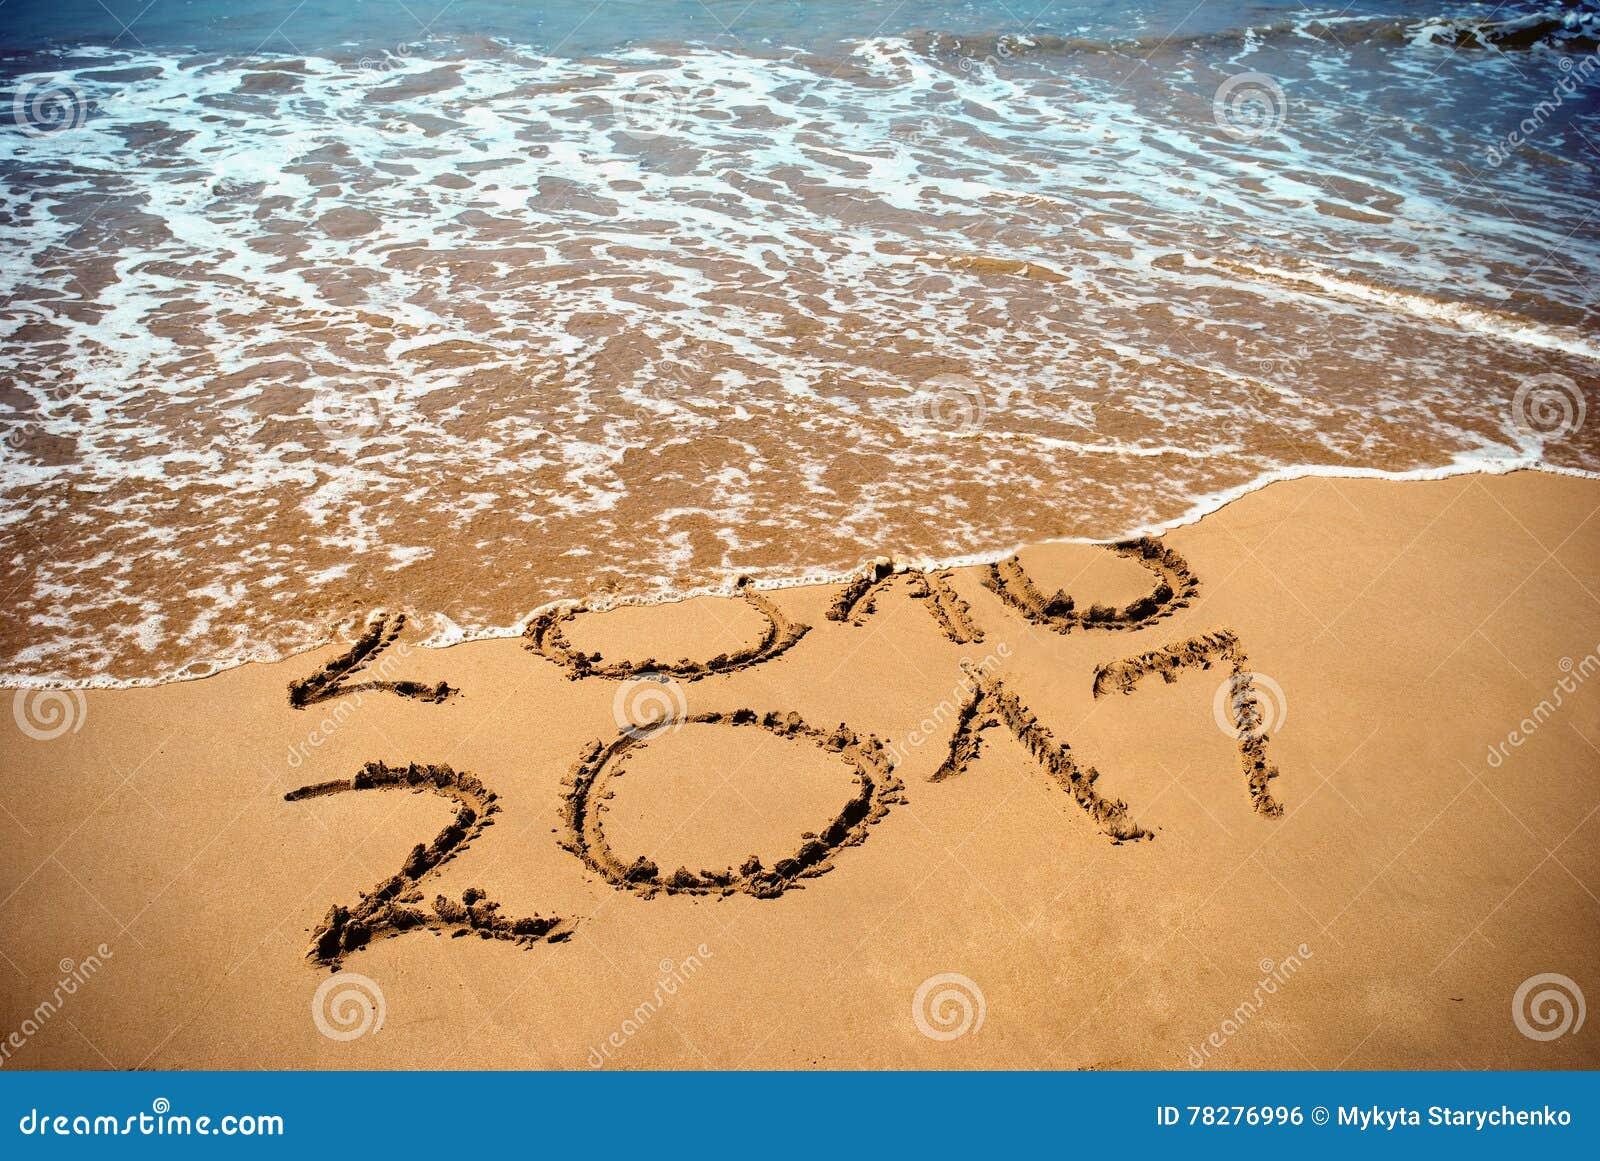 O ano novo 2017 é conceito de vinda - a inscrição 2017 e 2016 em uma areia da praia, a onda está cobrindo os dígitos 2016 Celebri